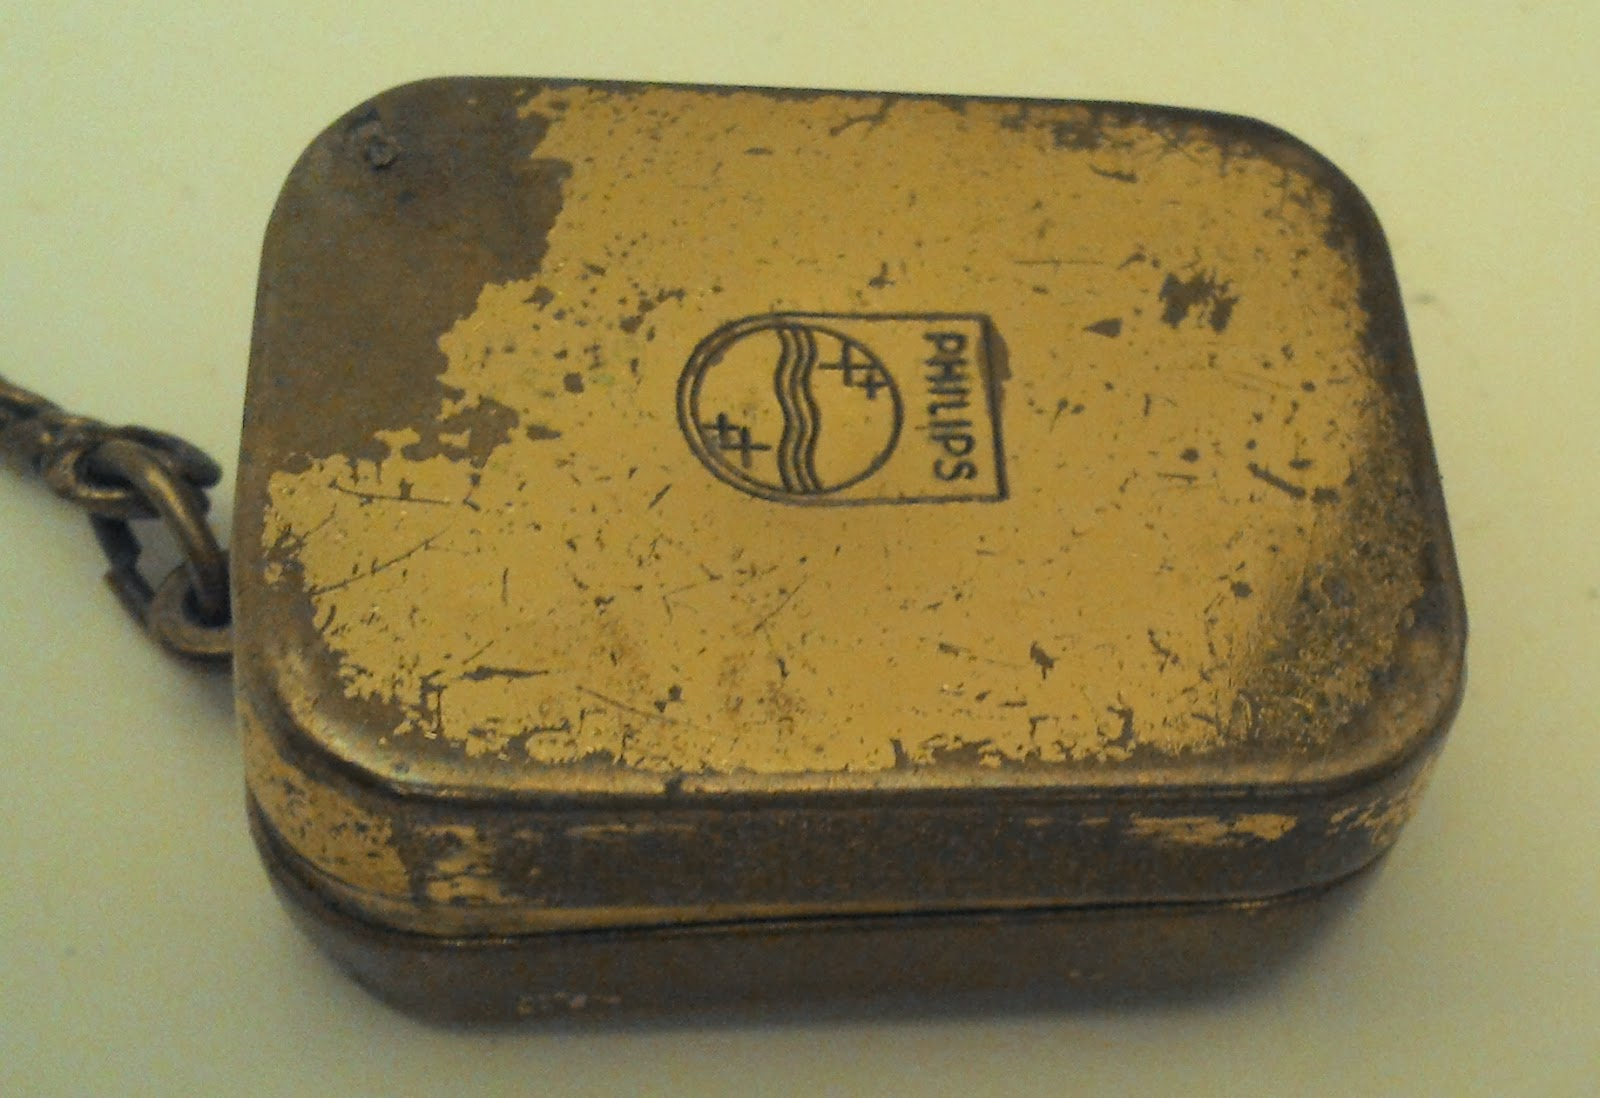 Ancienne petite boite a musique porte cl objet publi - Mecanisme boite a musique ...